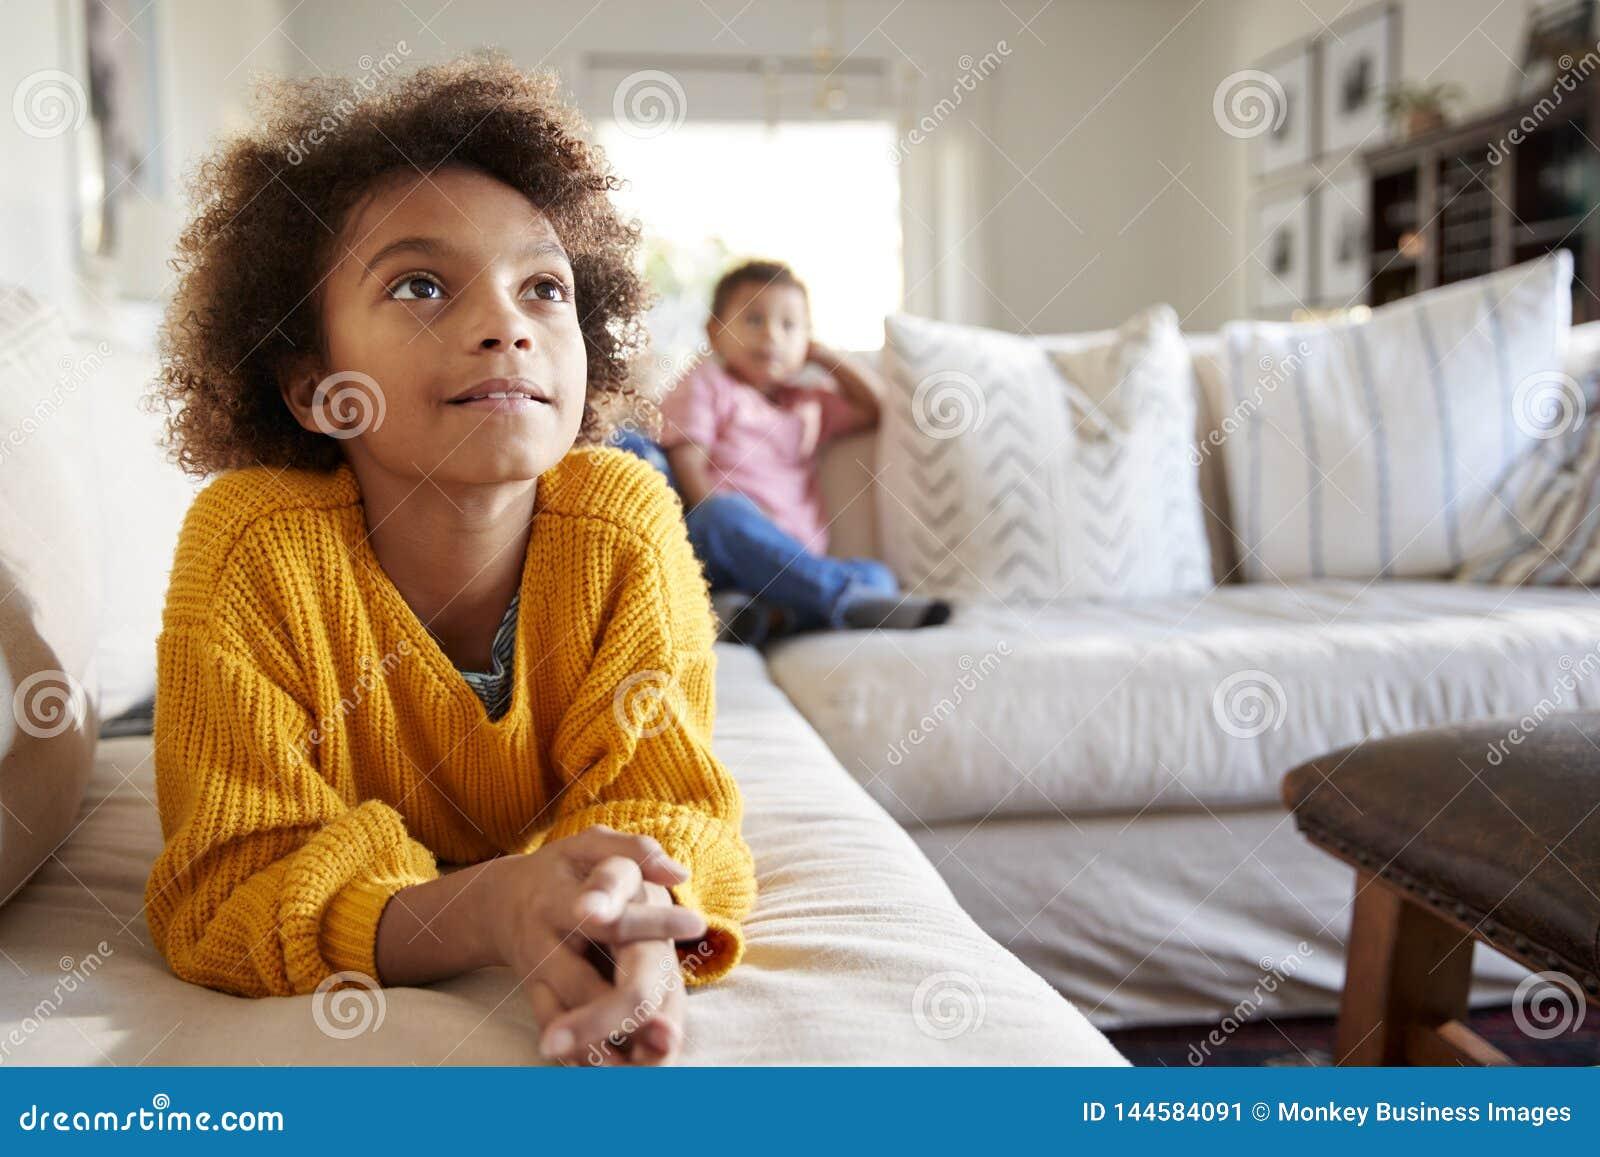 Schließen Sie oben vom jugendlichen Mädchen, das auf dem Sofa liegt, das im Wohnzimmer, ihr jüngerer Bruder fernsieht, der im Hin